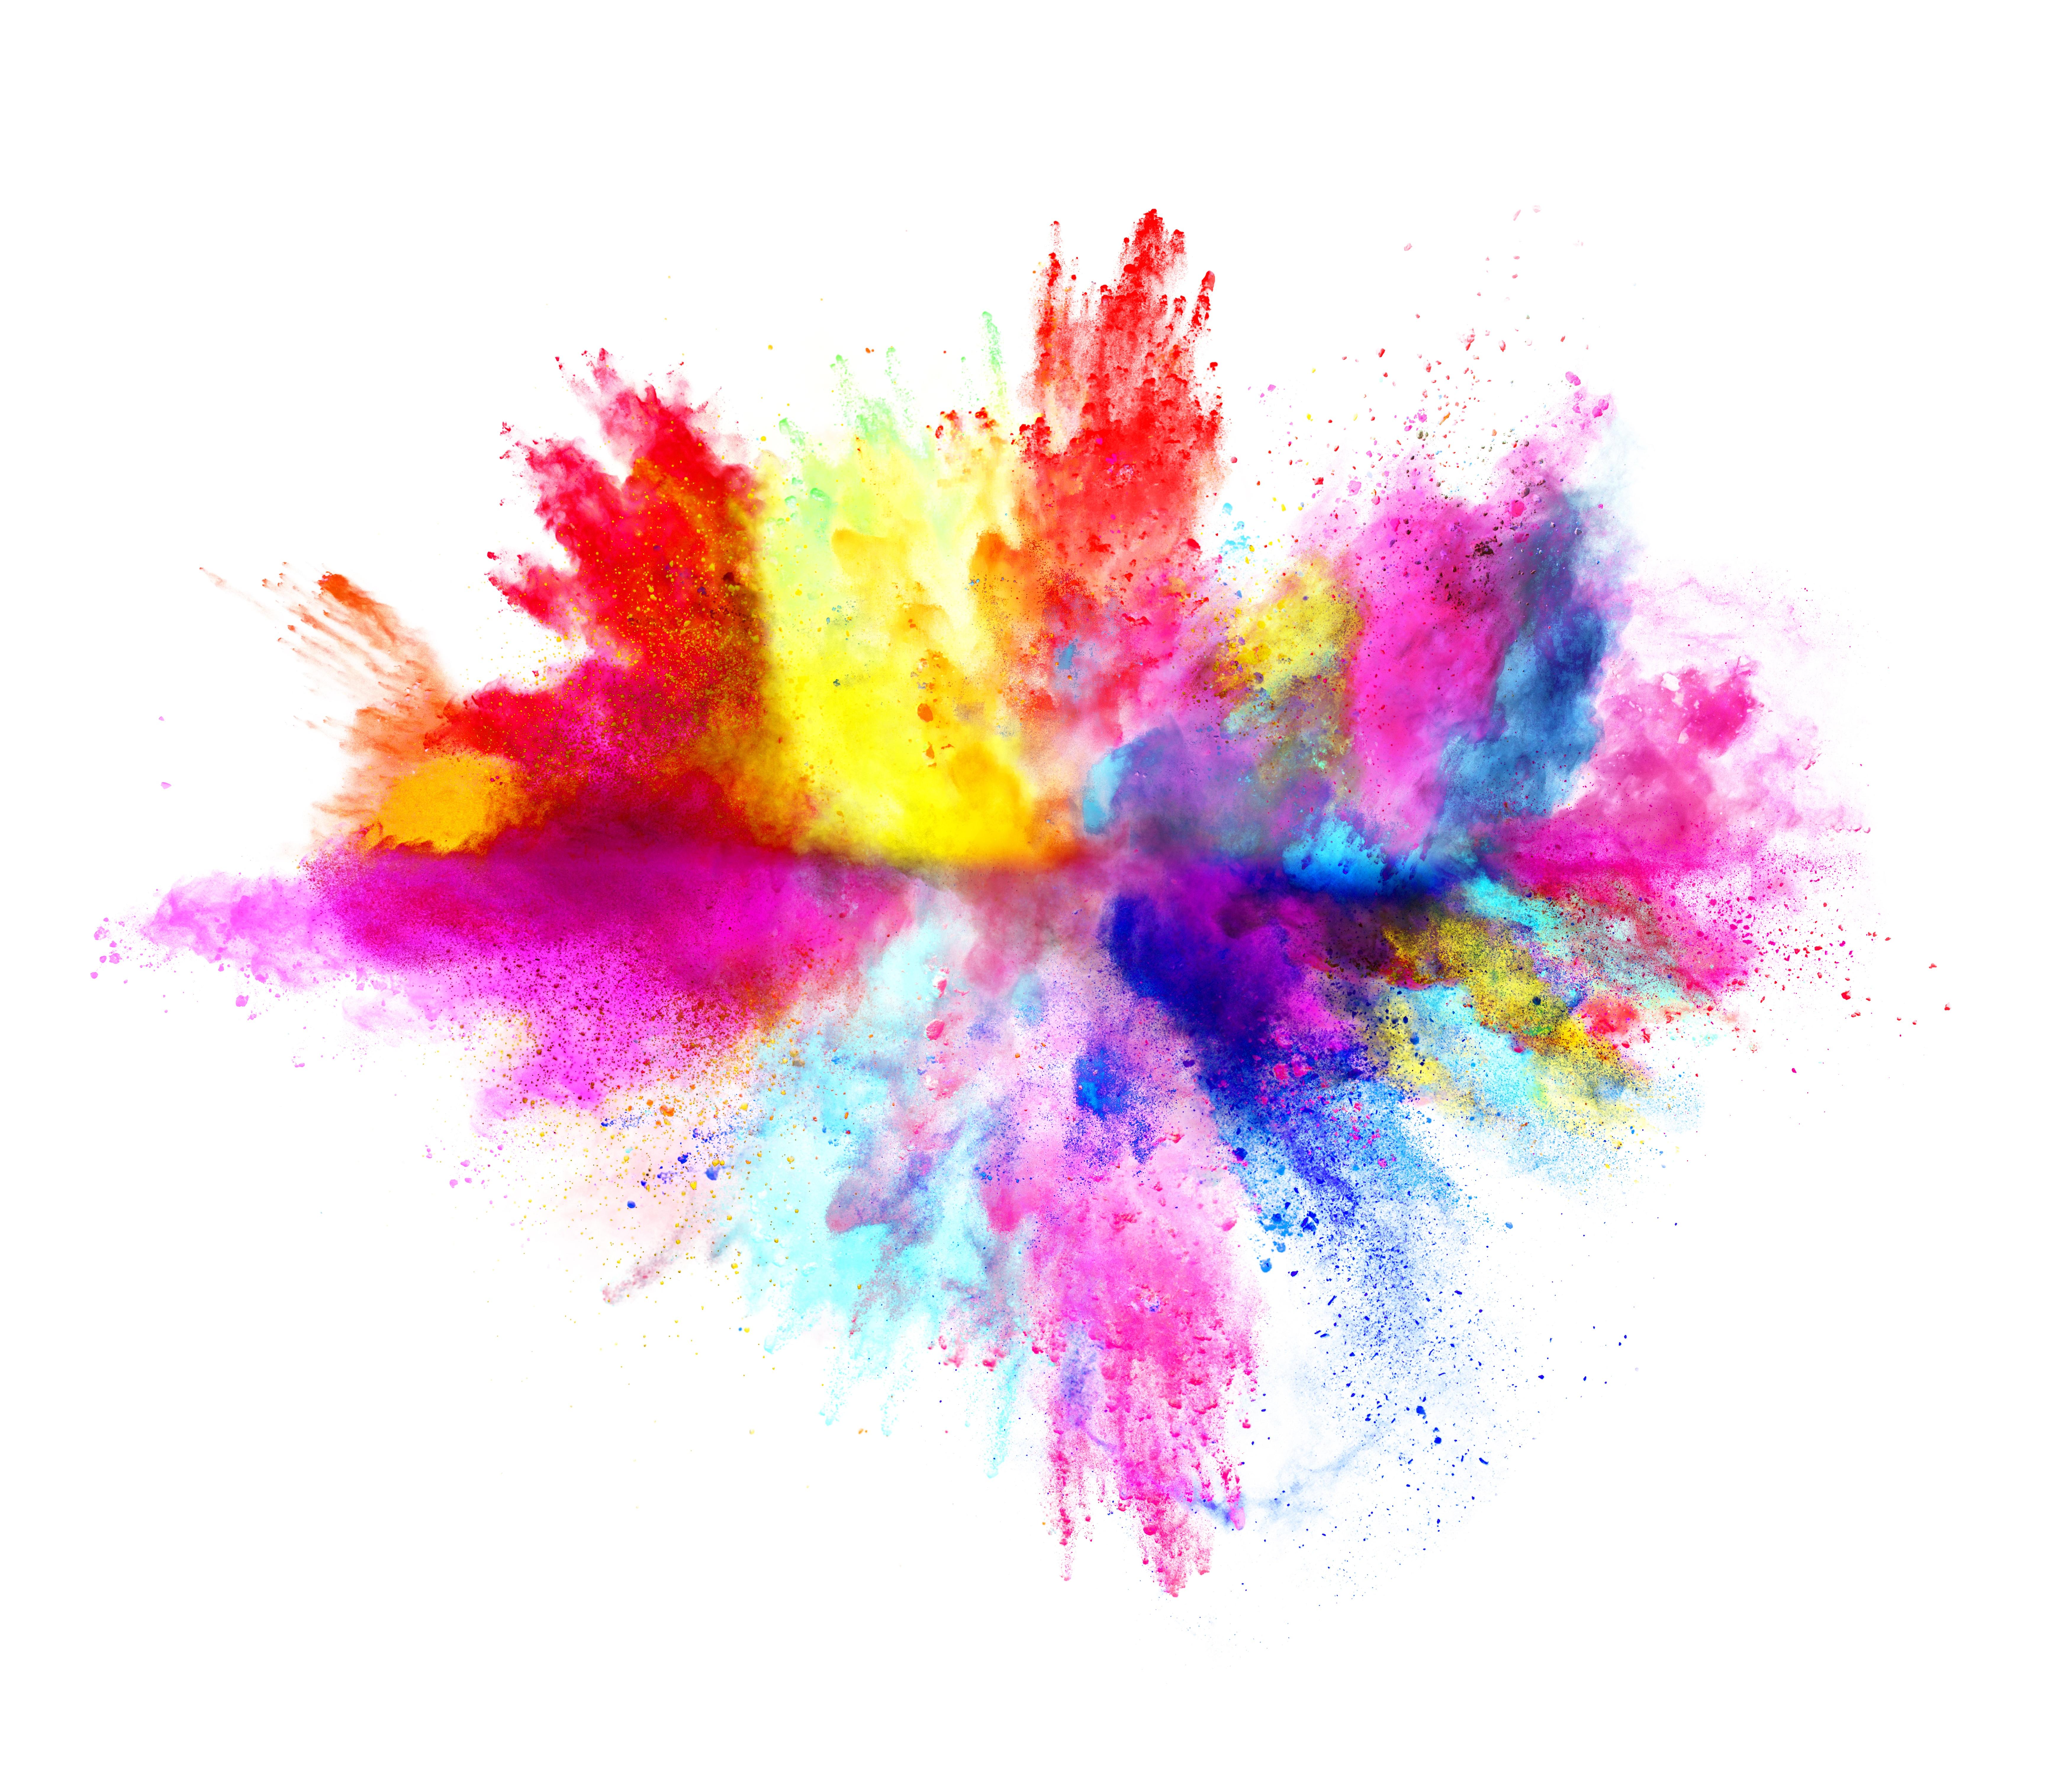 La psicología de los colores, fuentes y formas de los logotipos [infografía]